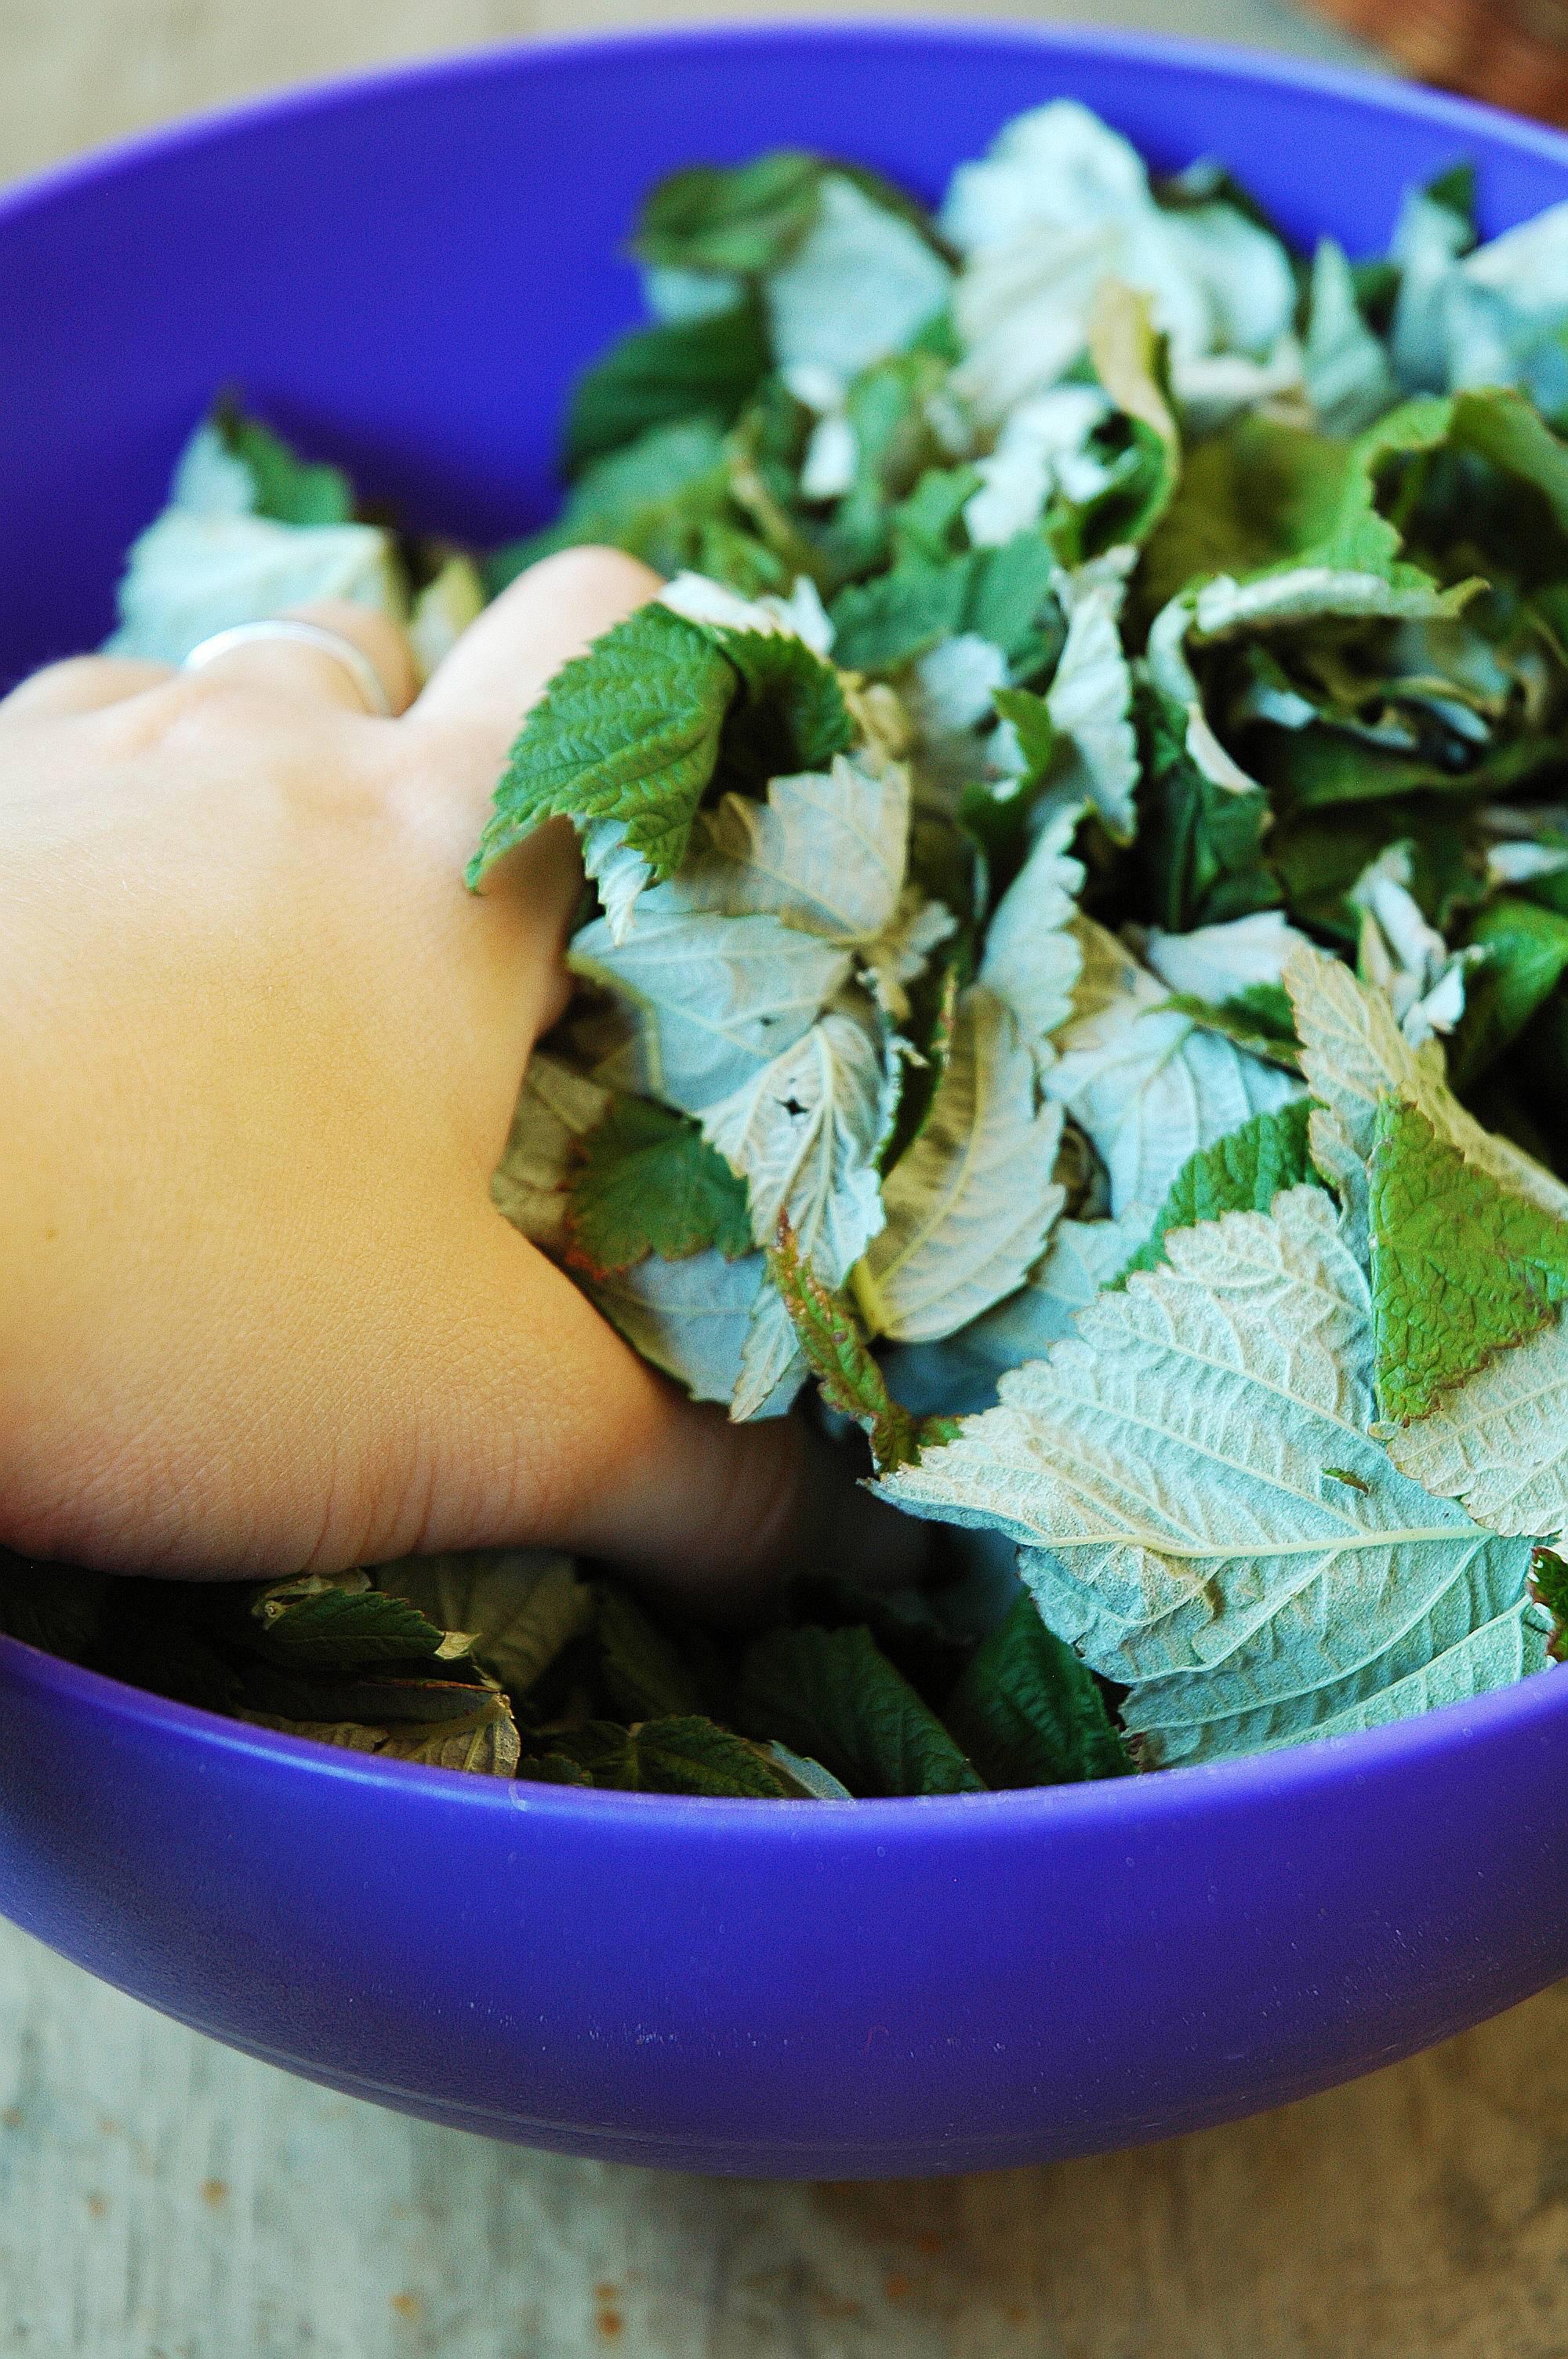 Чай из листьев малины - рецепты вкусного чая, как приготовить, польза и вред напитка